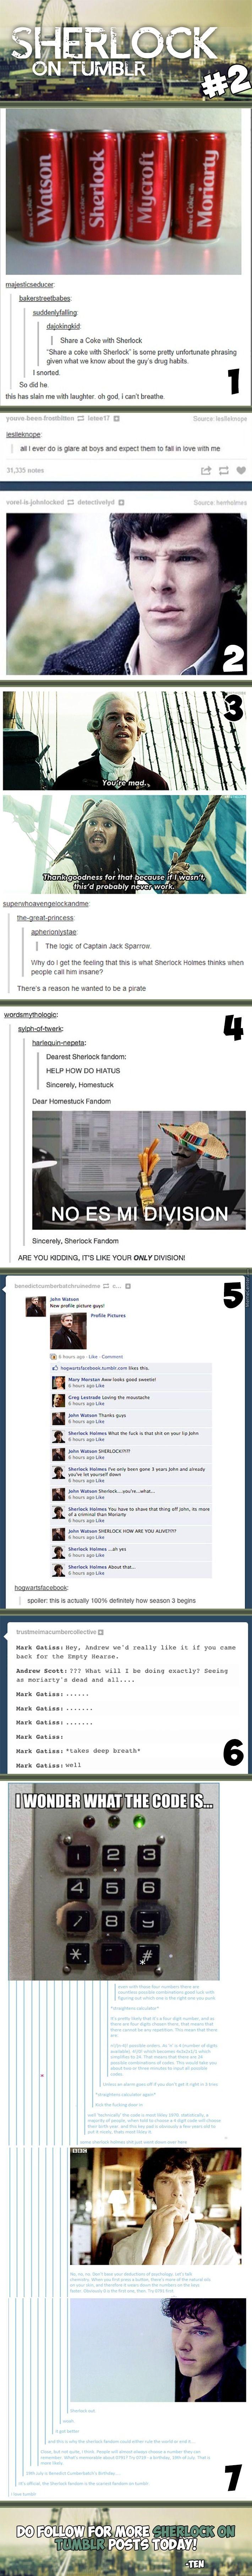 Sherlock on Tumblr